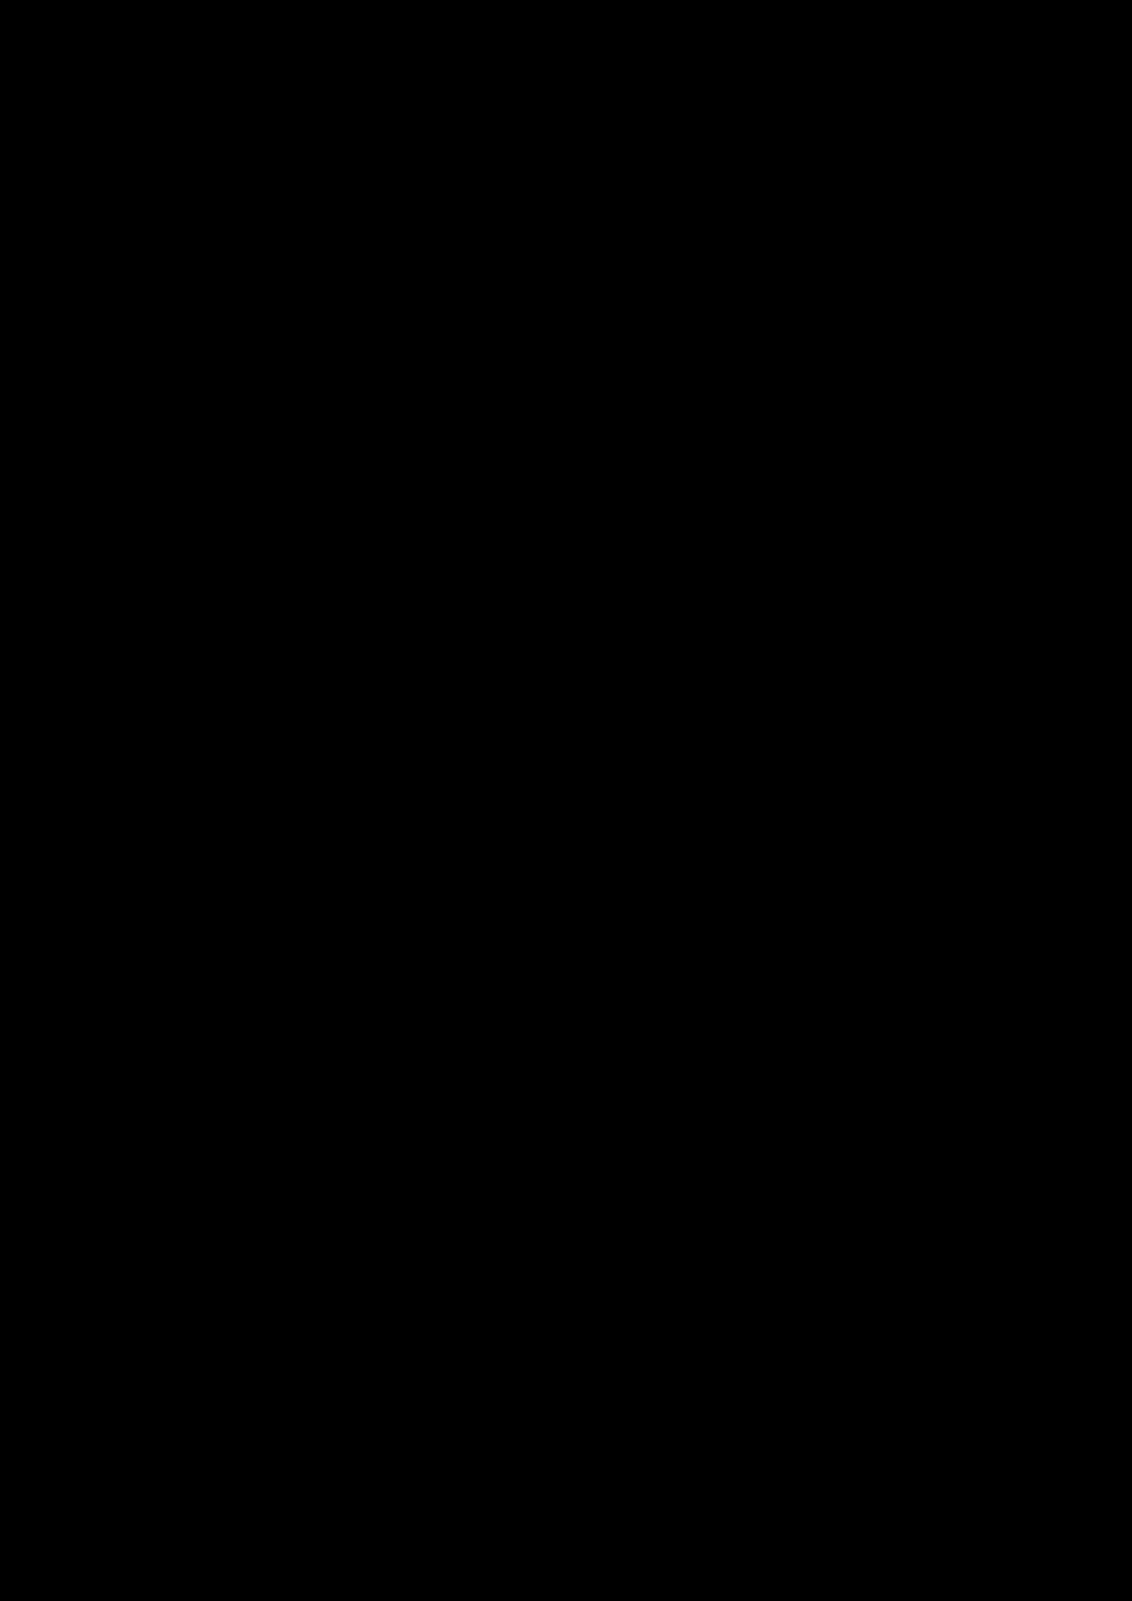 Vyibor Est slide, Image 35